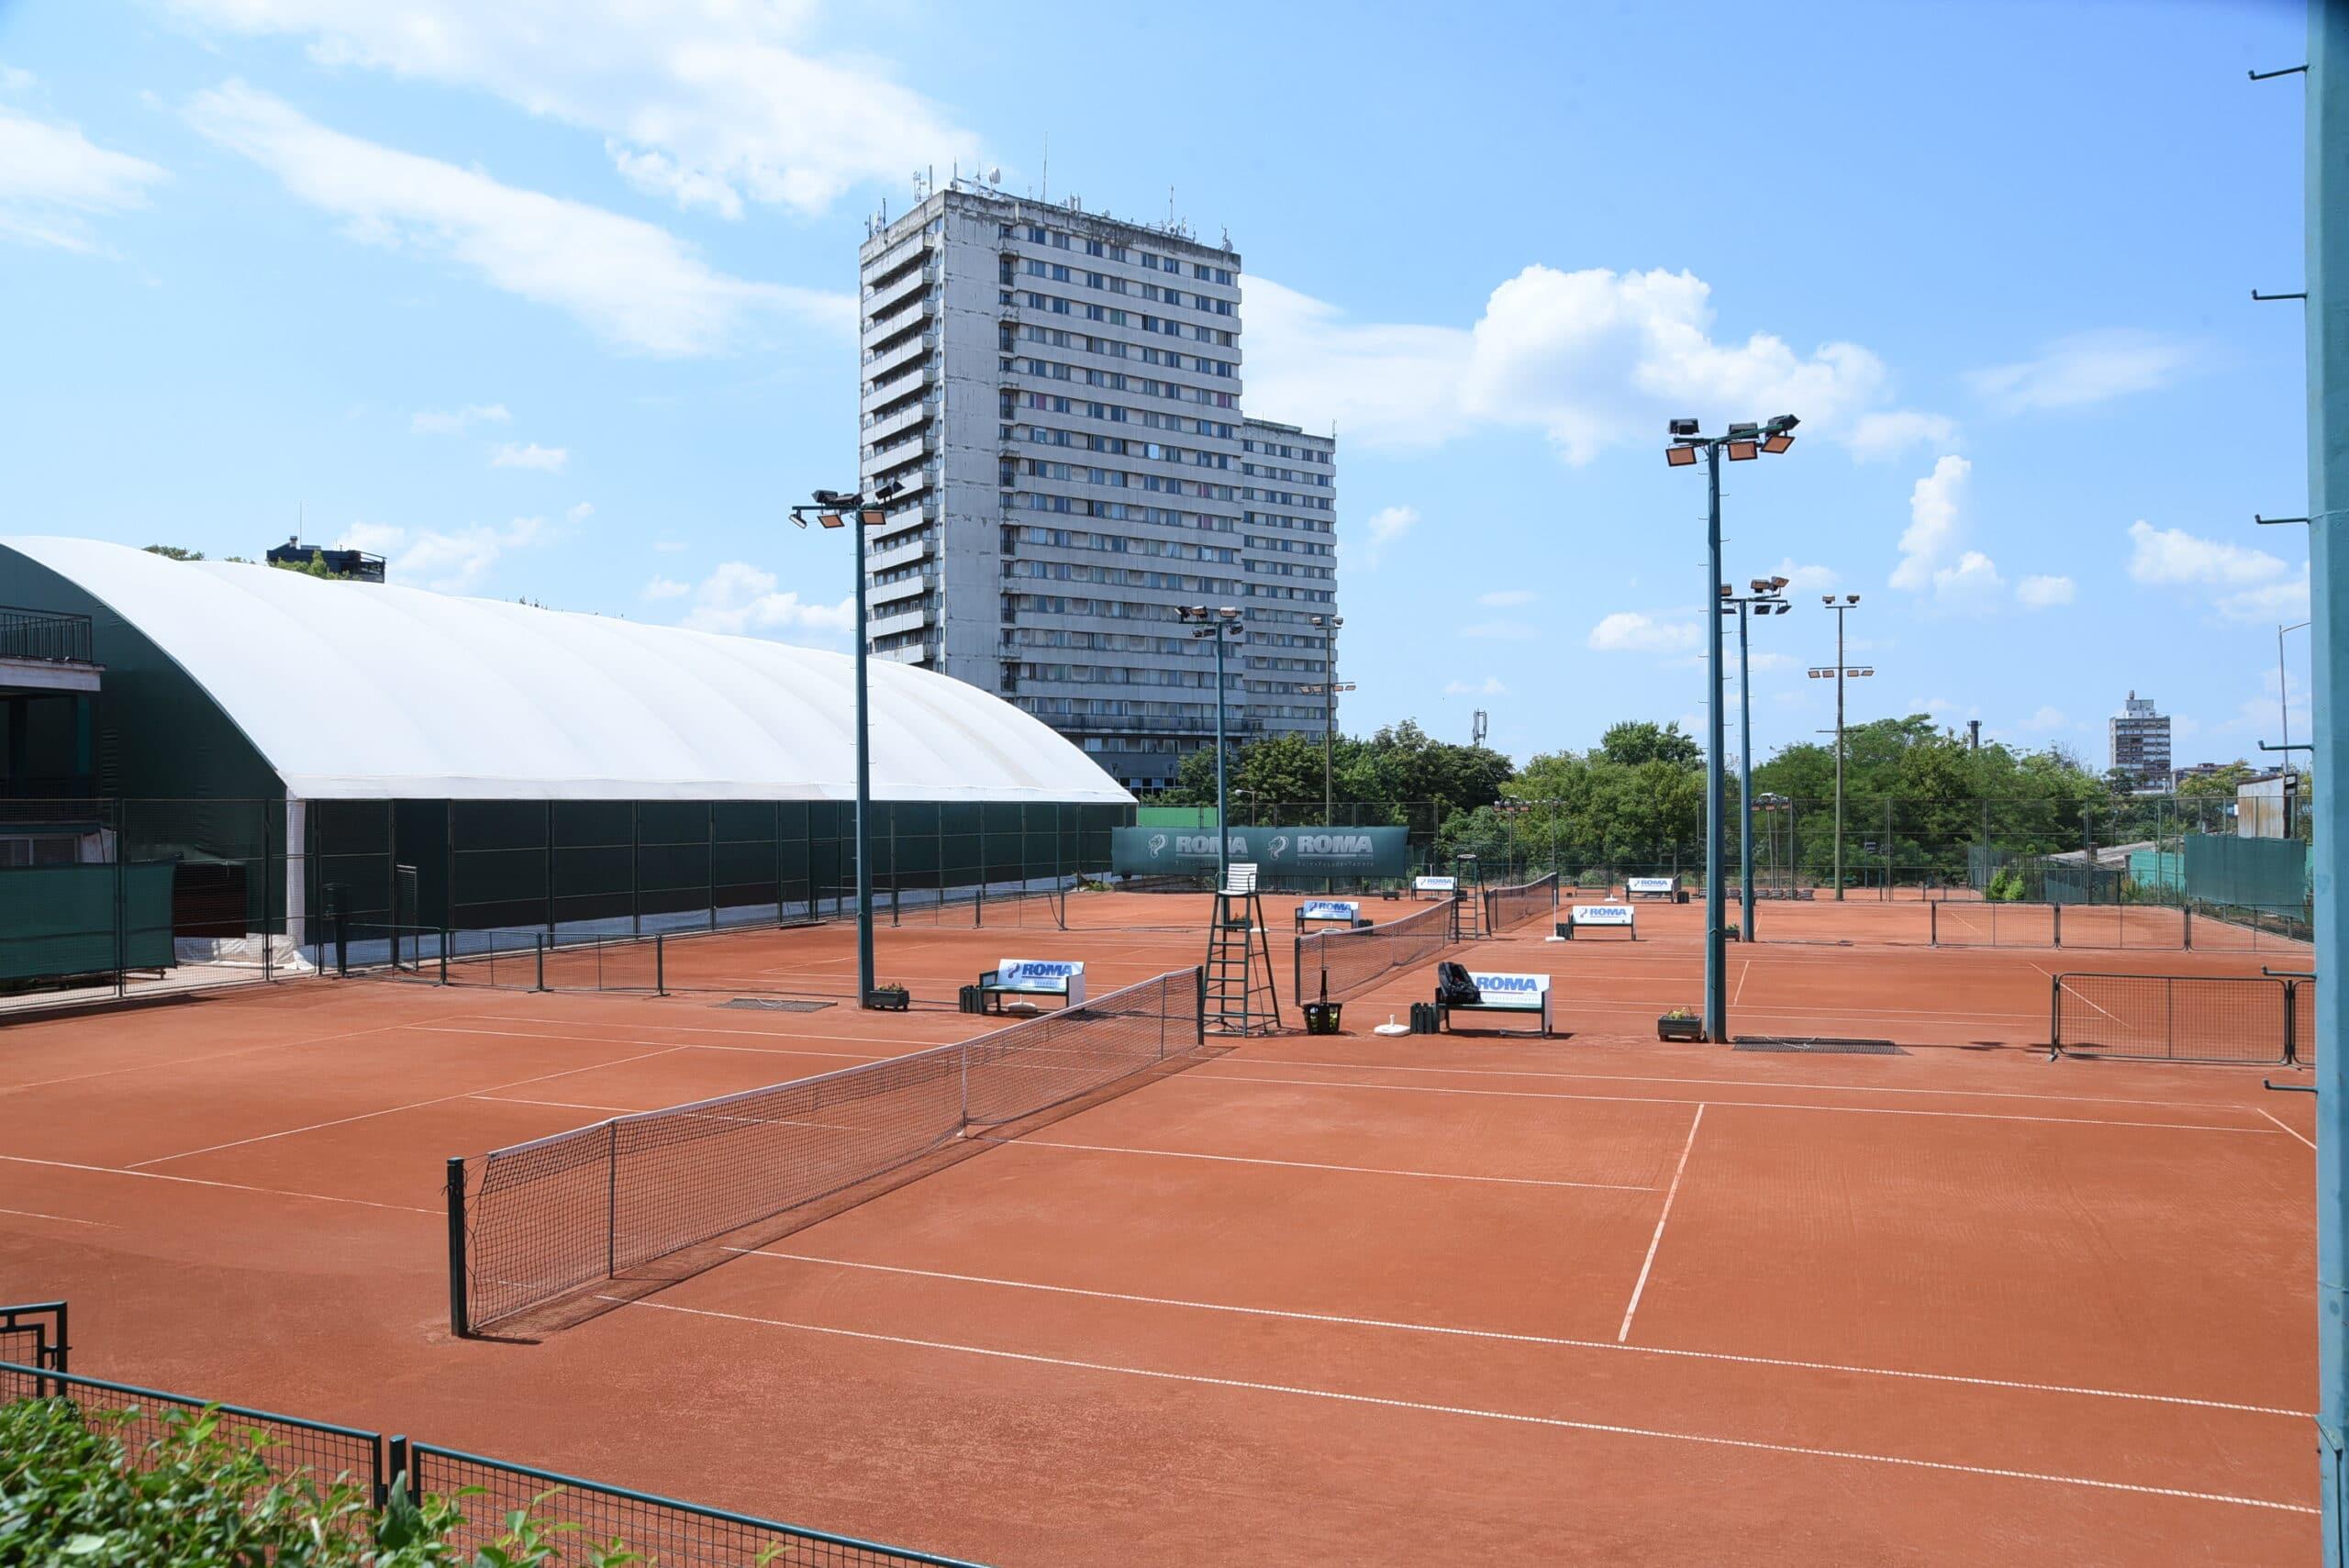 Igra se nastavlja - Mozzart pokreće i besplatnu školu tenisa u Beogradu 3